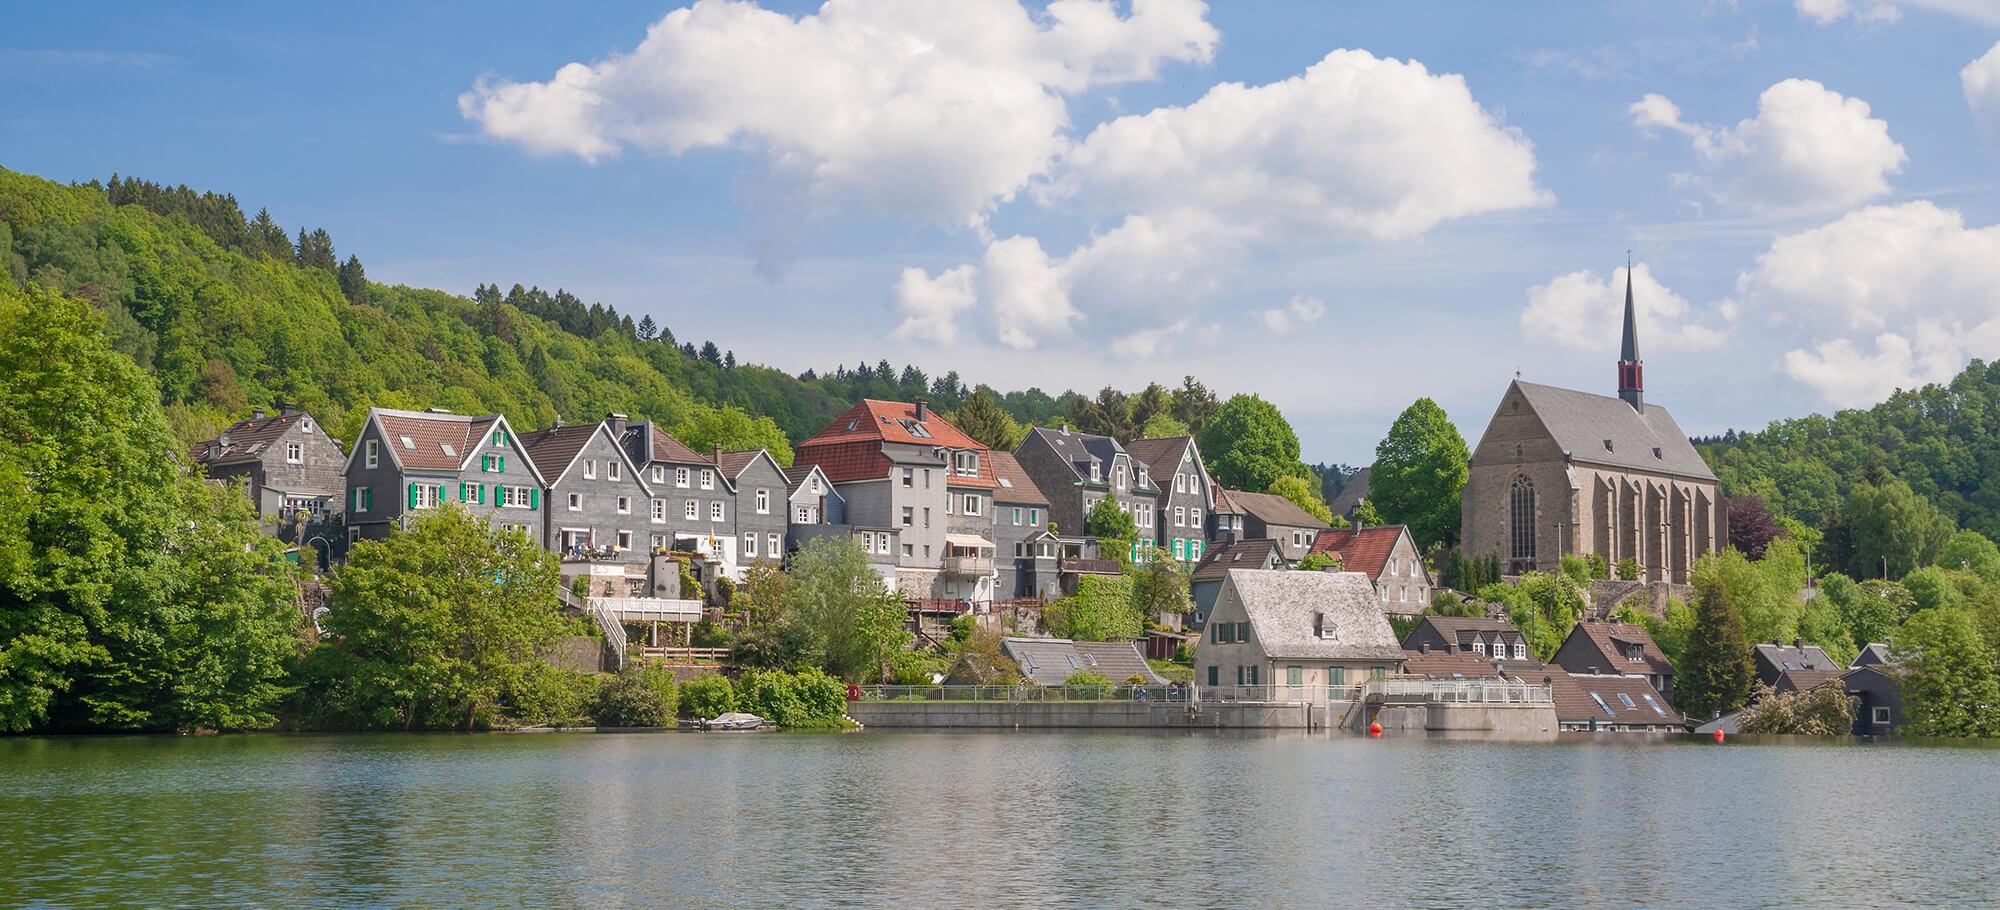 Die Altstadt von Wuppertal-Beyenburg an der Wupper